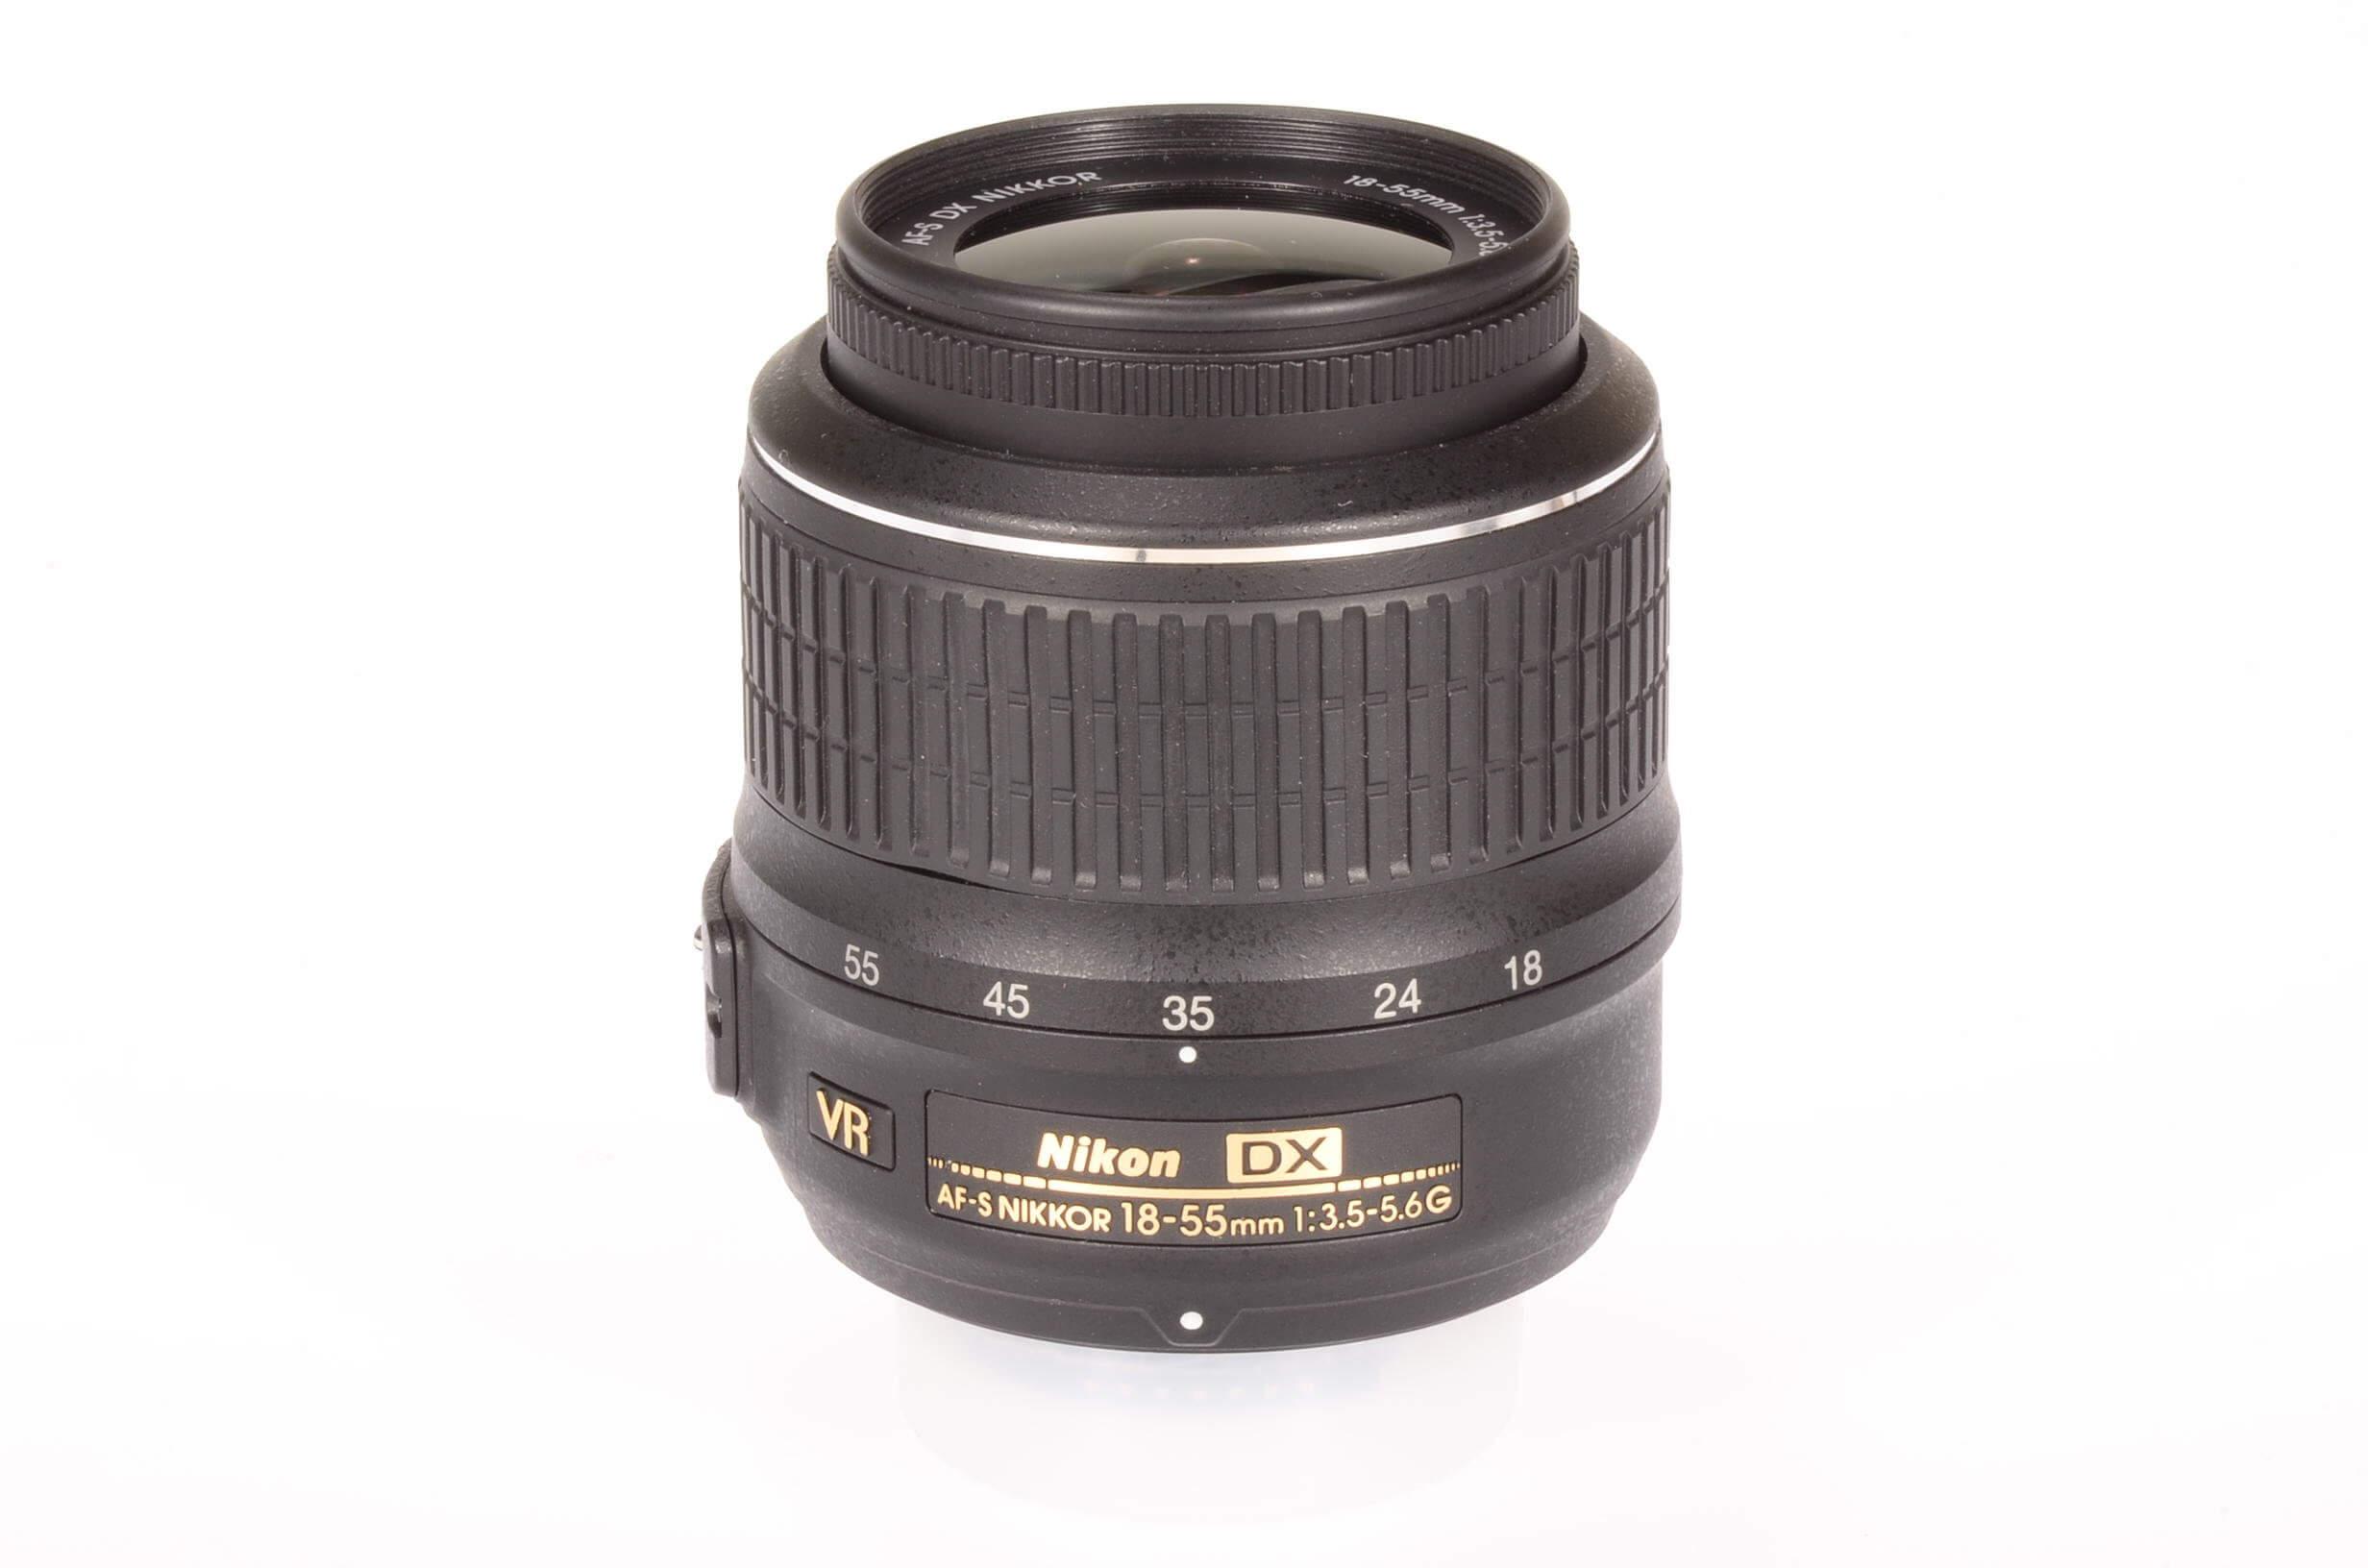 Nikon 18-55mm f3.5-5.6 AF-S Nikkor VR DX G, virtually mint